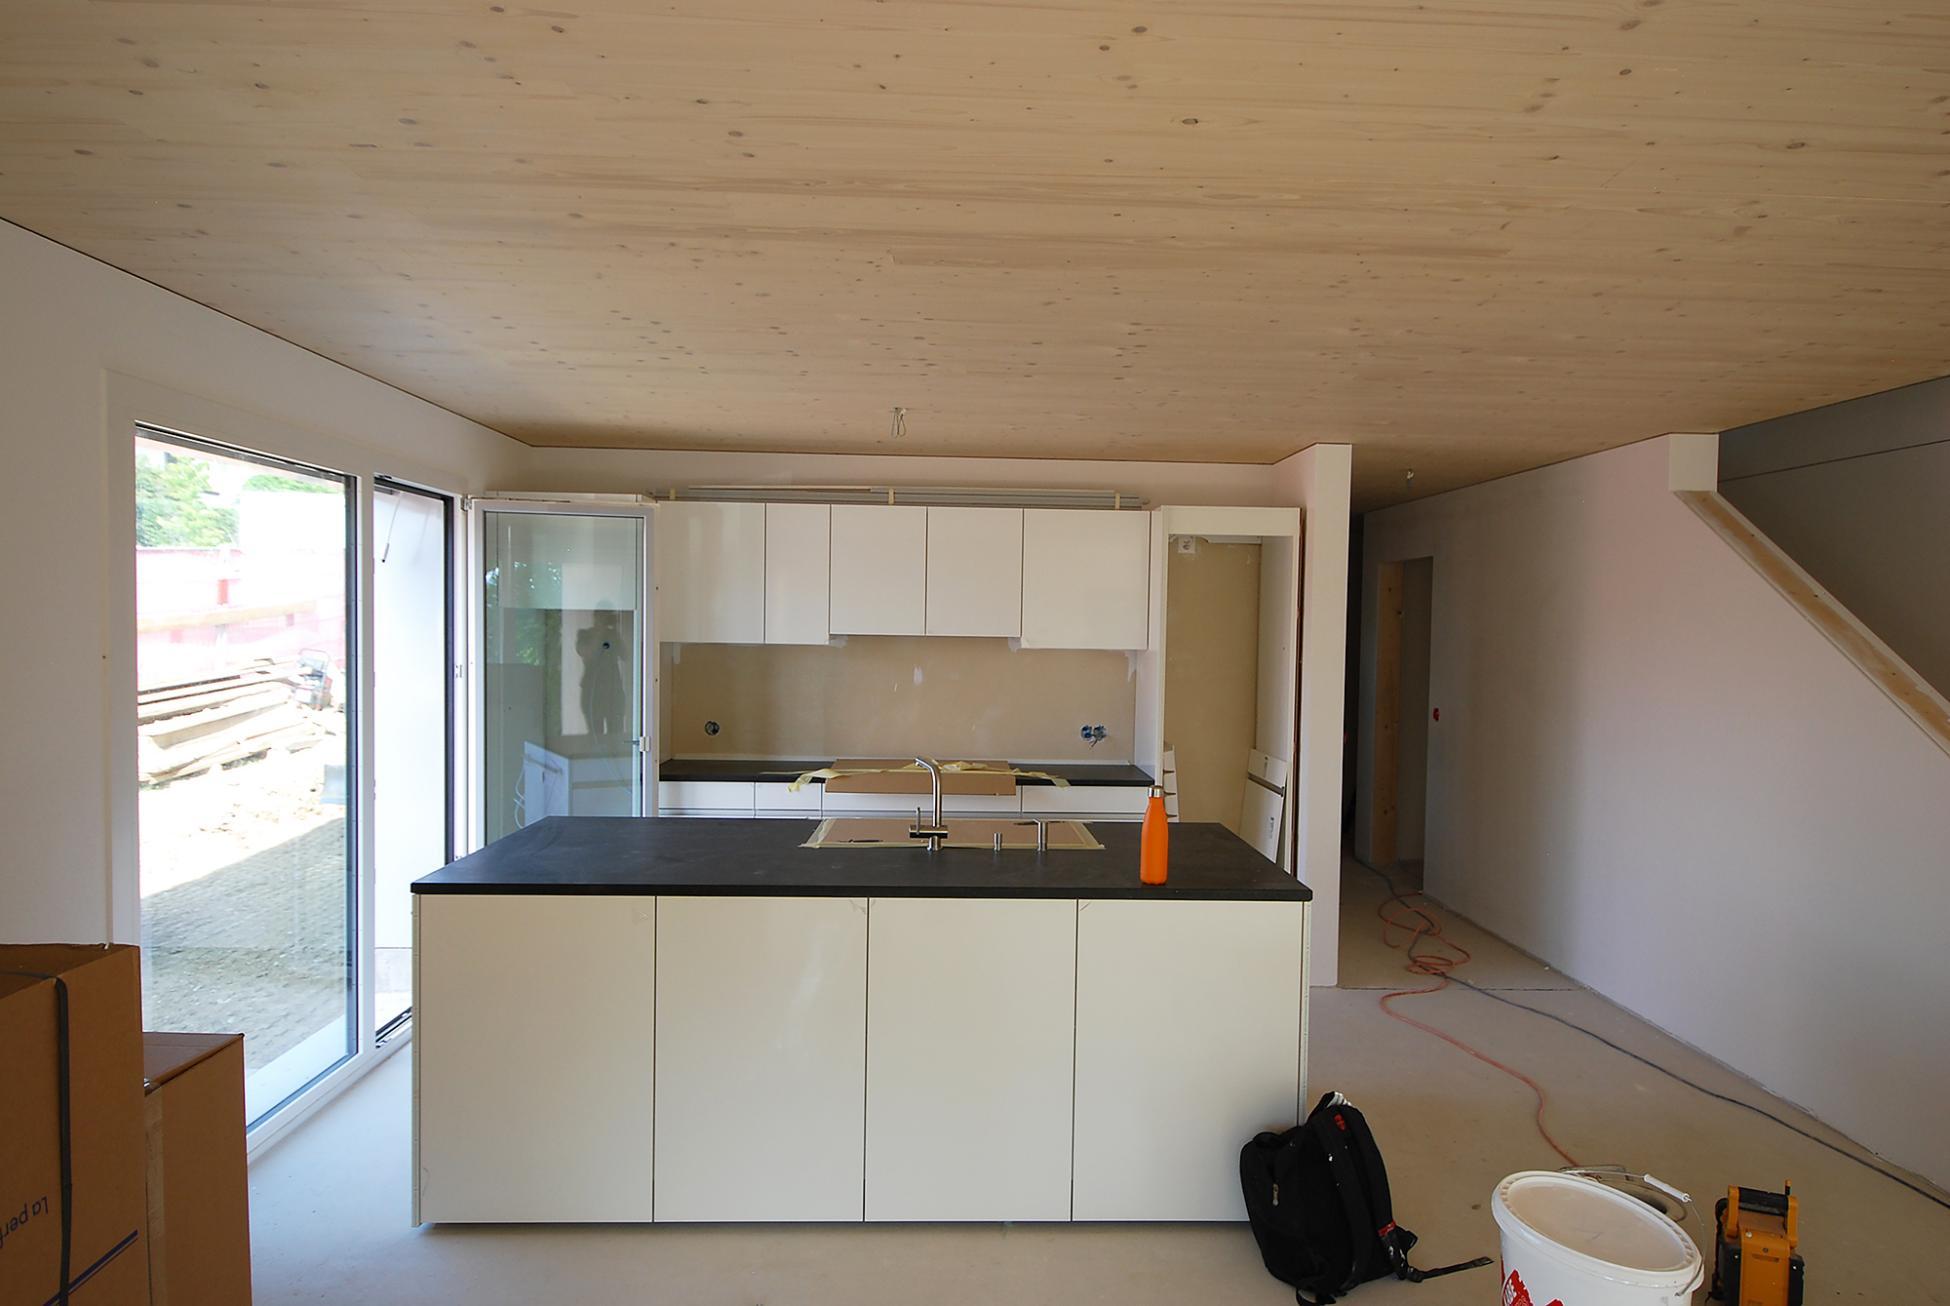 Reiheneinfamilienhäuser Visavie in Sarmenstorf mit offener Wohnküche